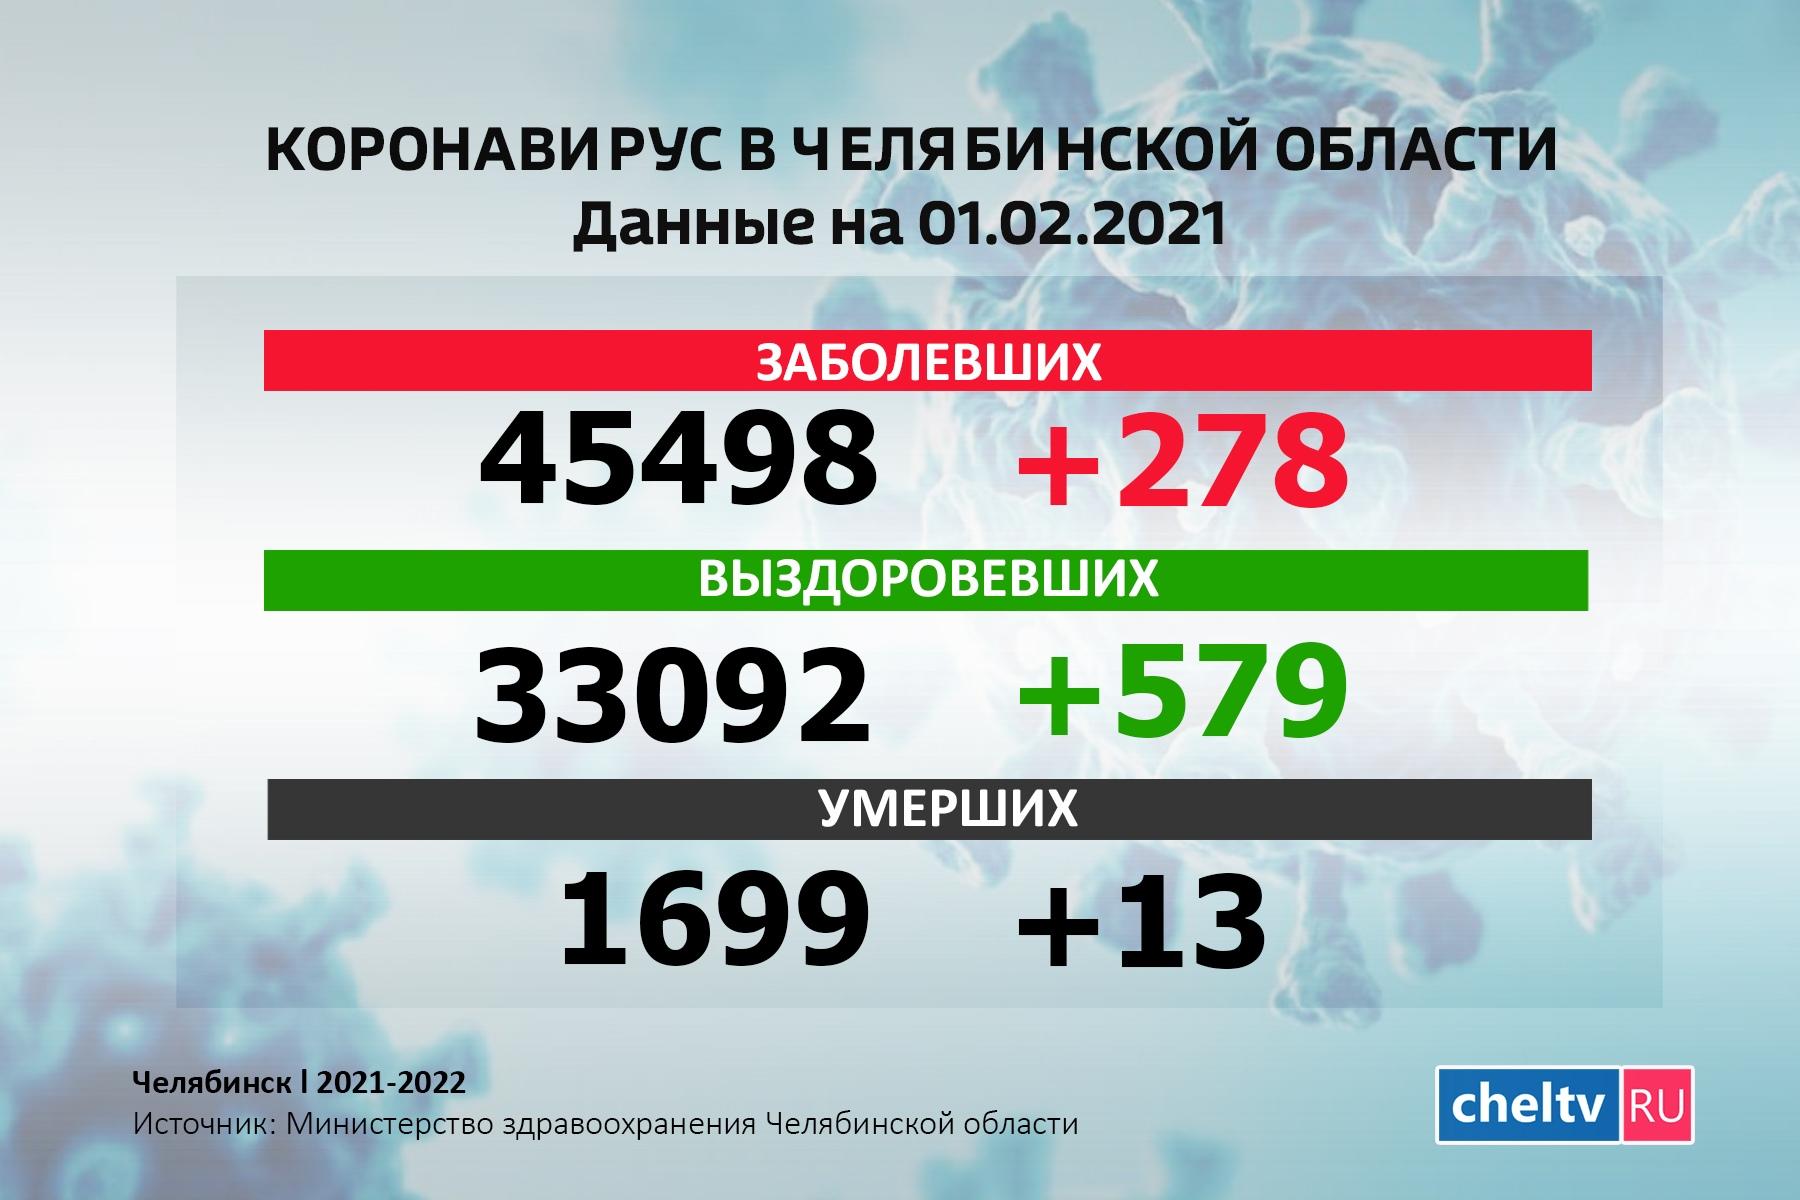 Коронавирус в Челябинской области: 278 новых случаев за сутки